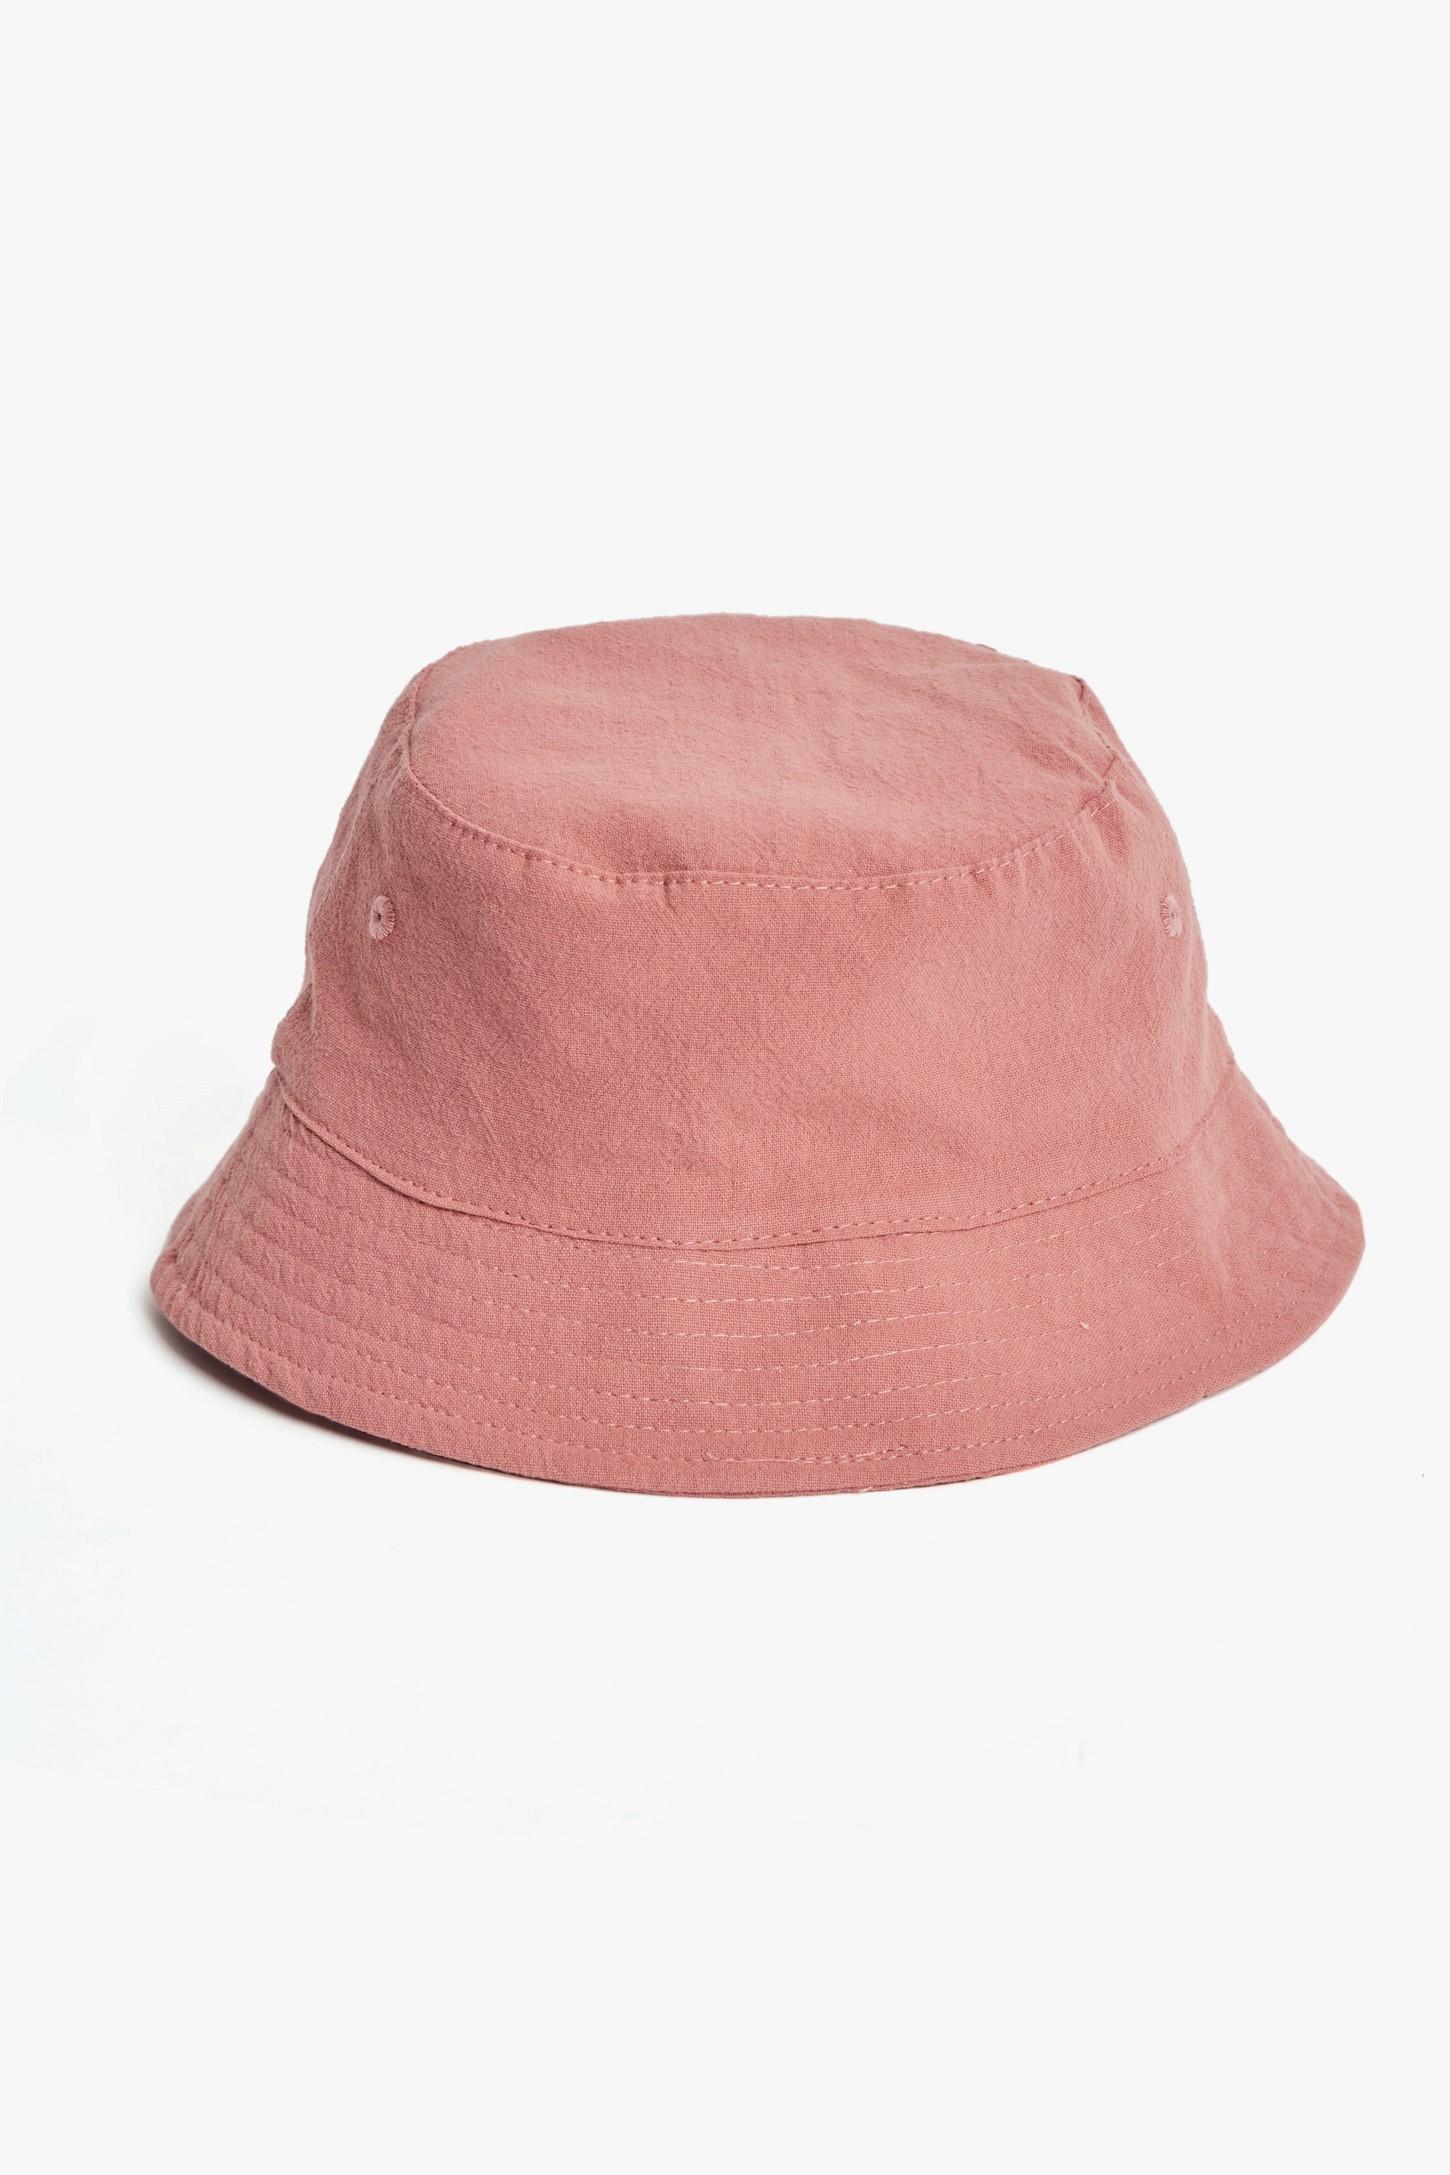 YJZQ Chapeau de Soleil B/éb/é Fille Chapeau Plage d/ét/é Casquette Enfant Anti UV Chapeau Souple avec mentonni/ère r/églable Cap Unisexe pour 2-5ans Vert-bai